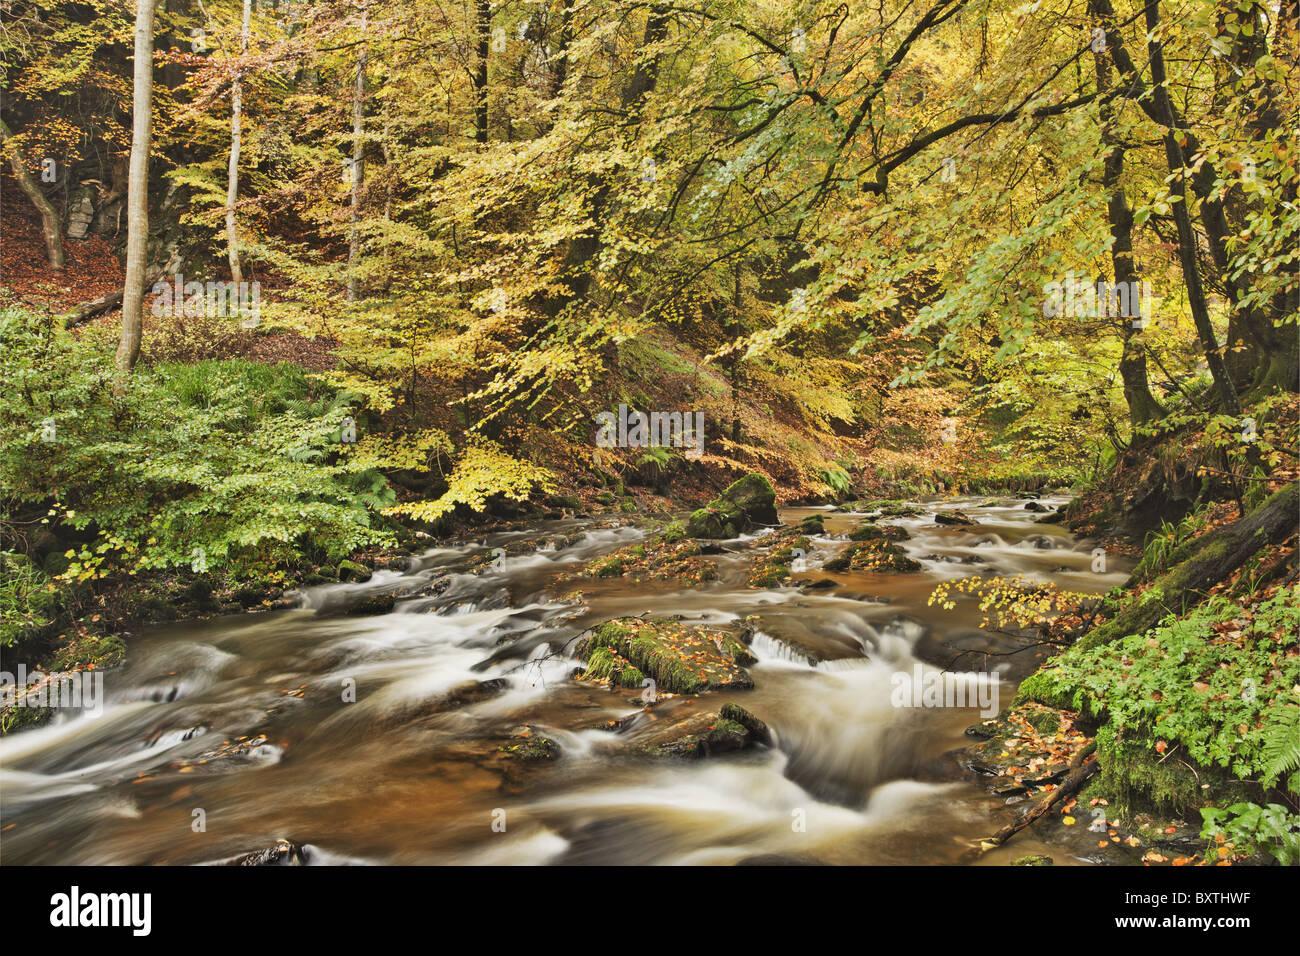 Les feuilles d'automne sur les arbres le long d'un ruisseau en Ecosse. Photo Stock